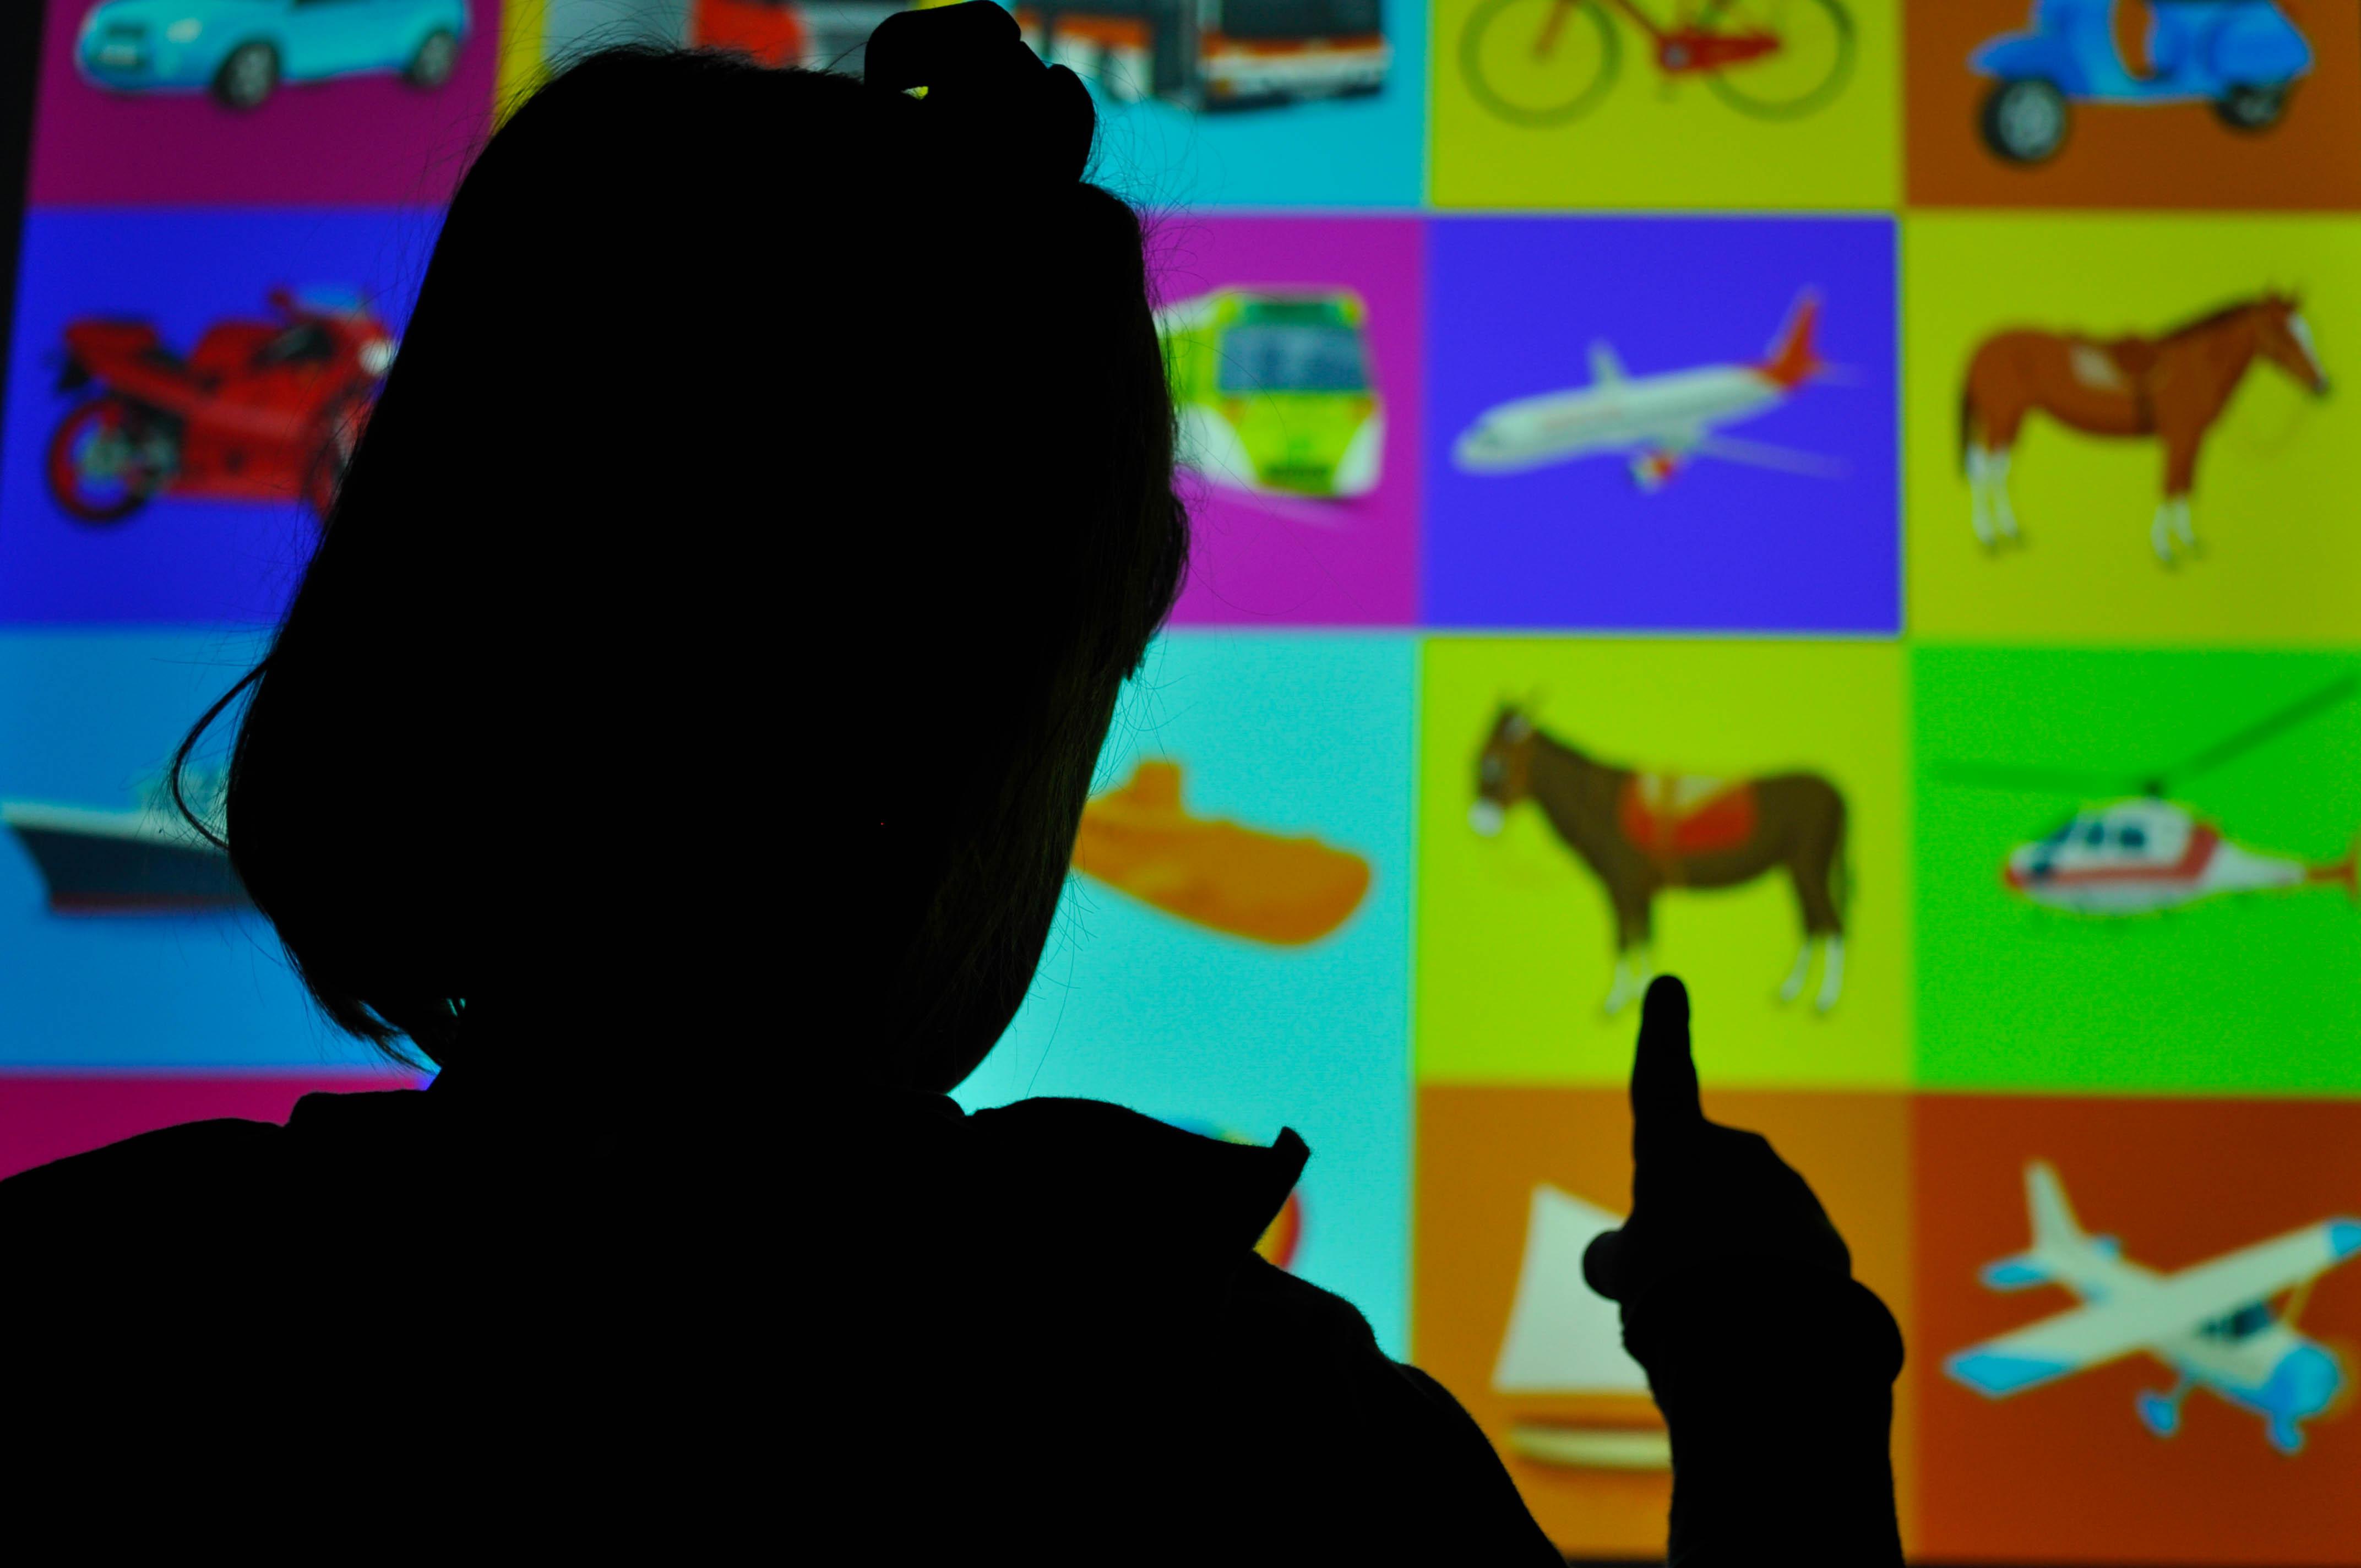 Niña(al trasluz) señalando un póster con diferentes figuras (método de estimulación visual)